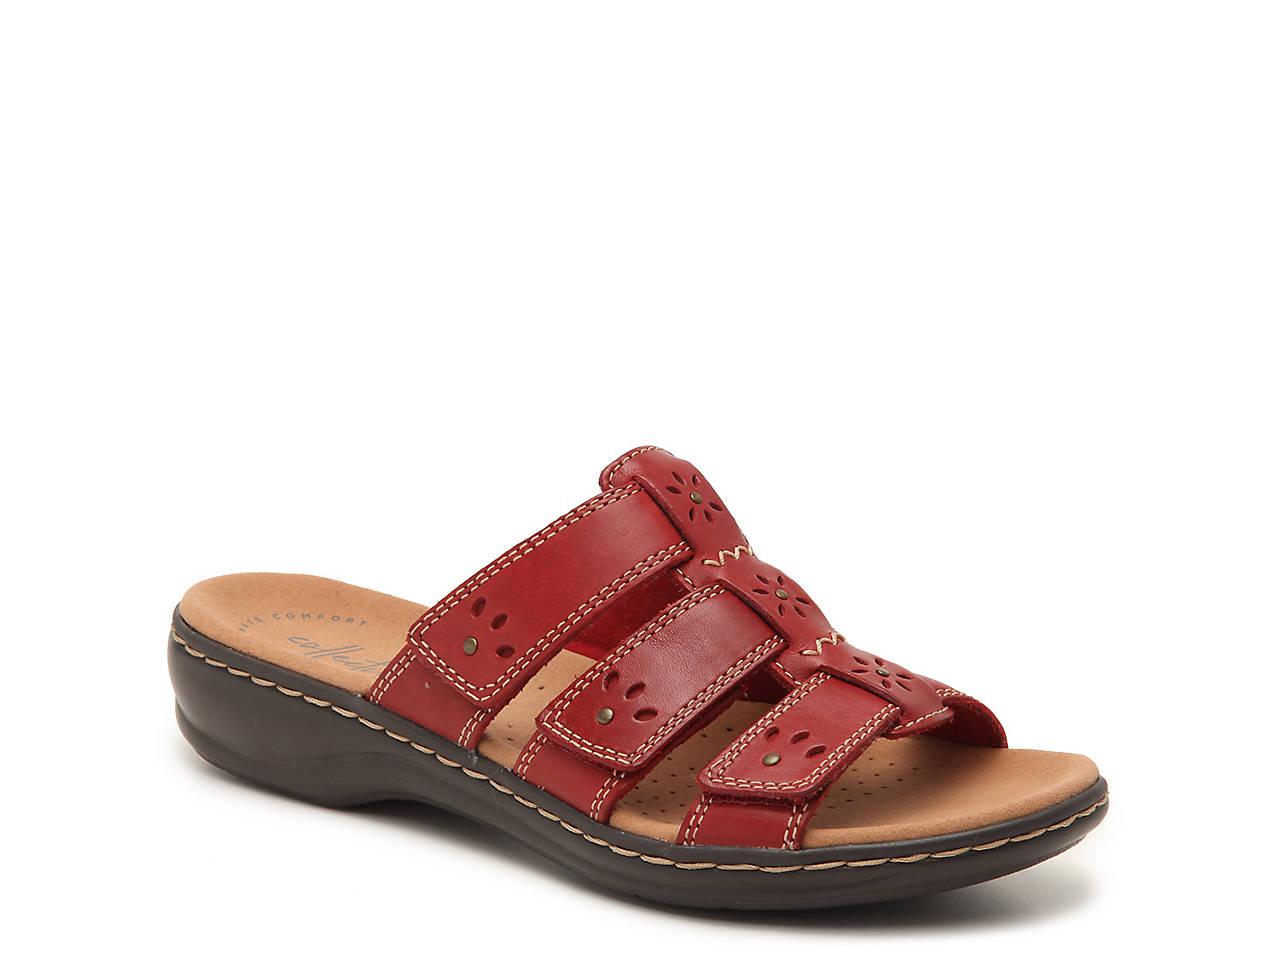 81438f1122ec Clarks Leisa Spring Sandal Women s Shoes